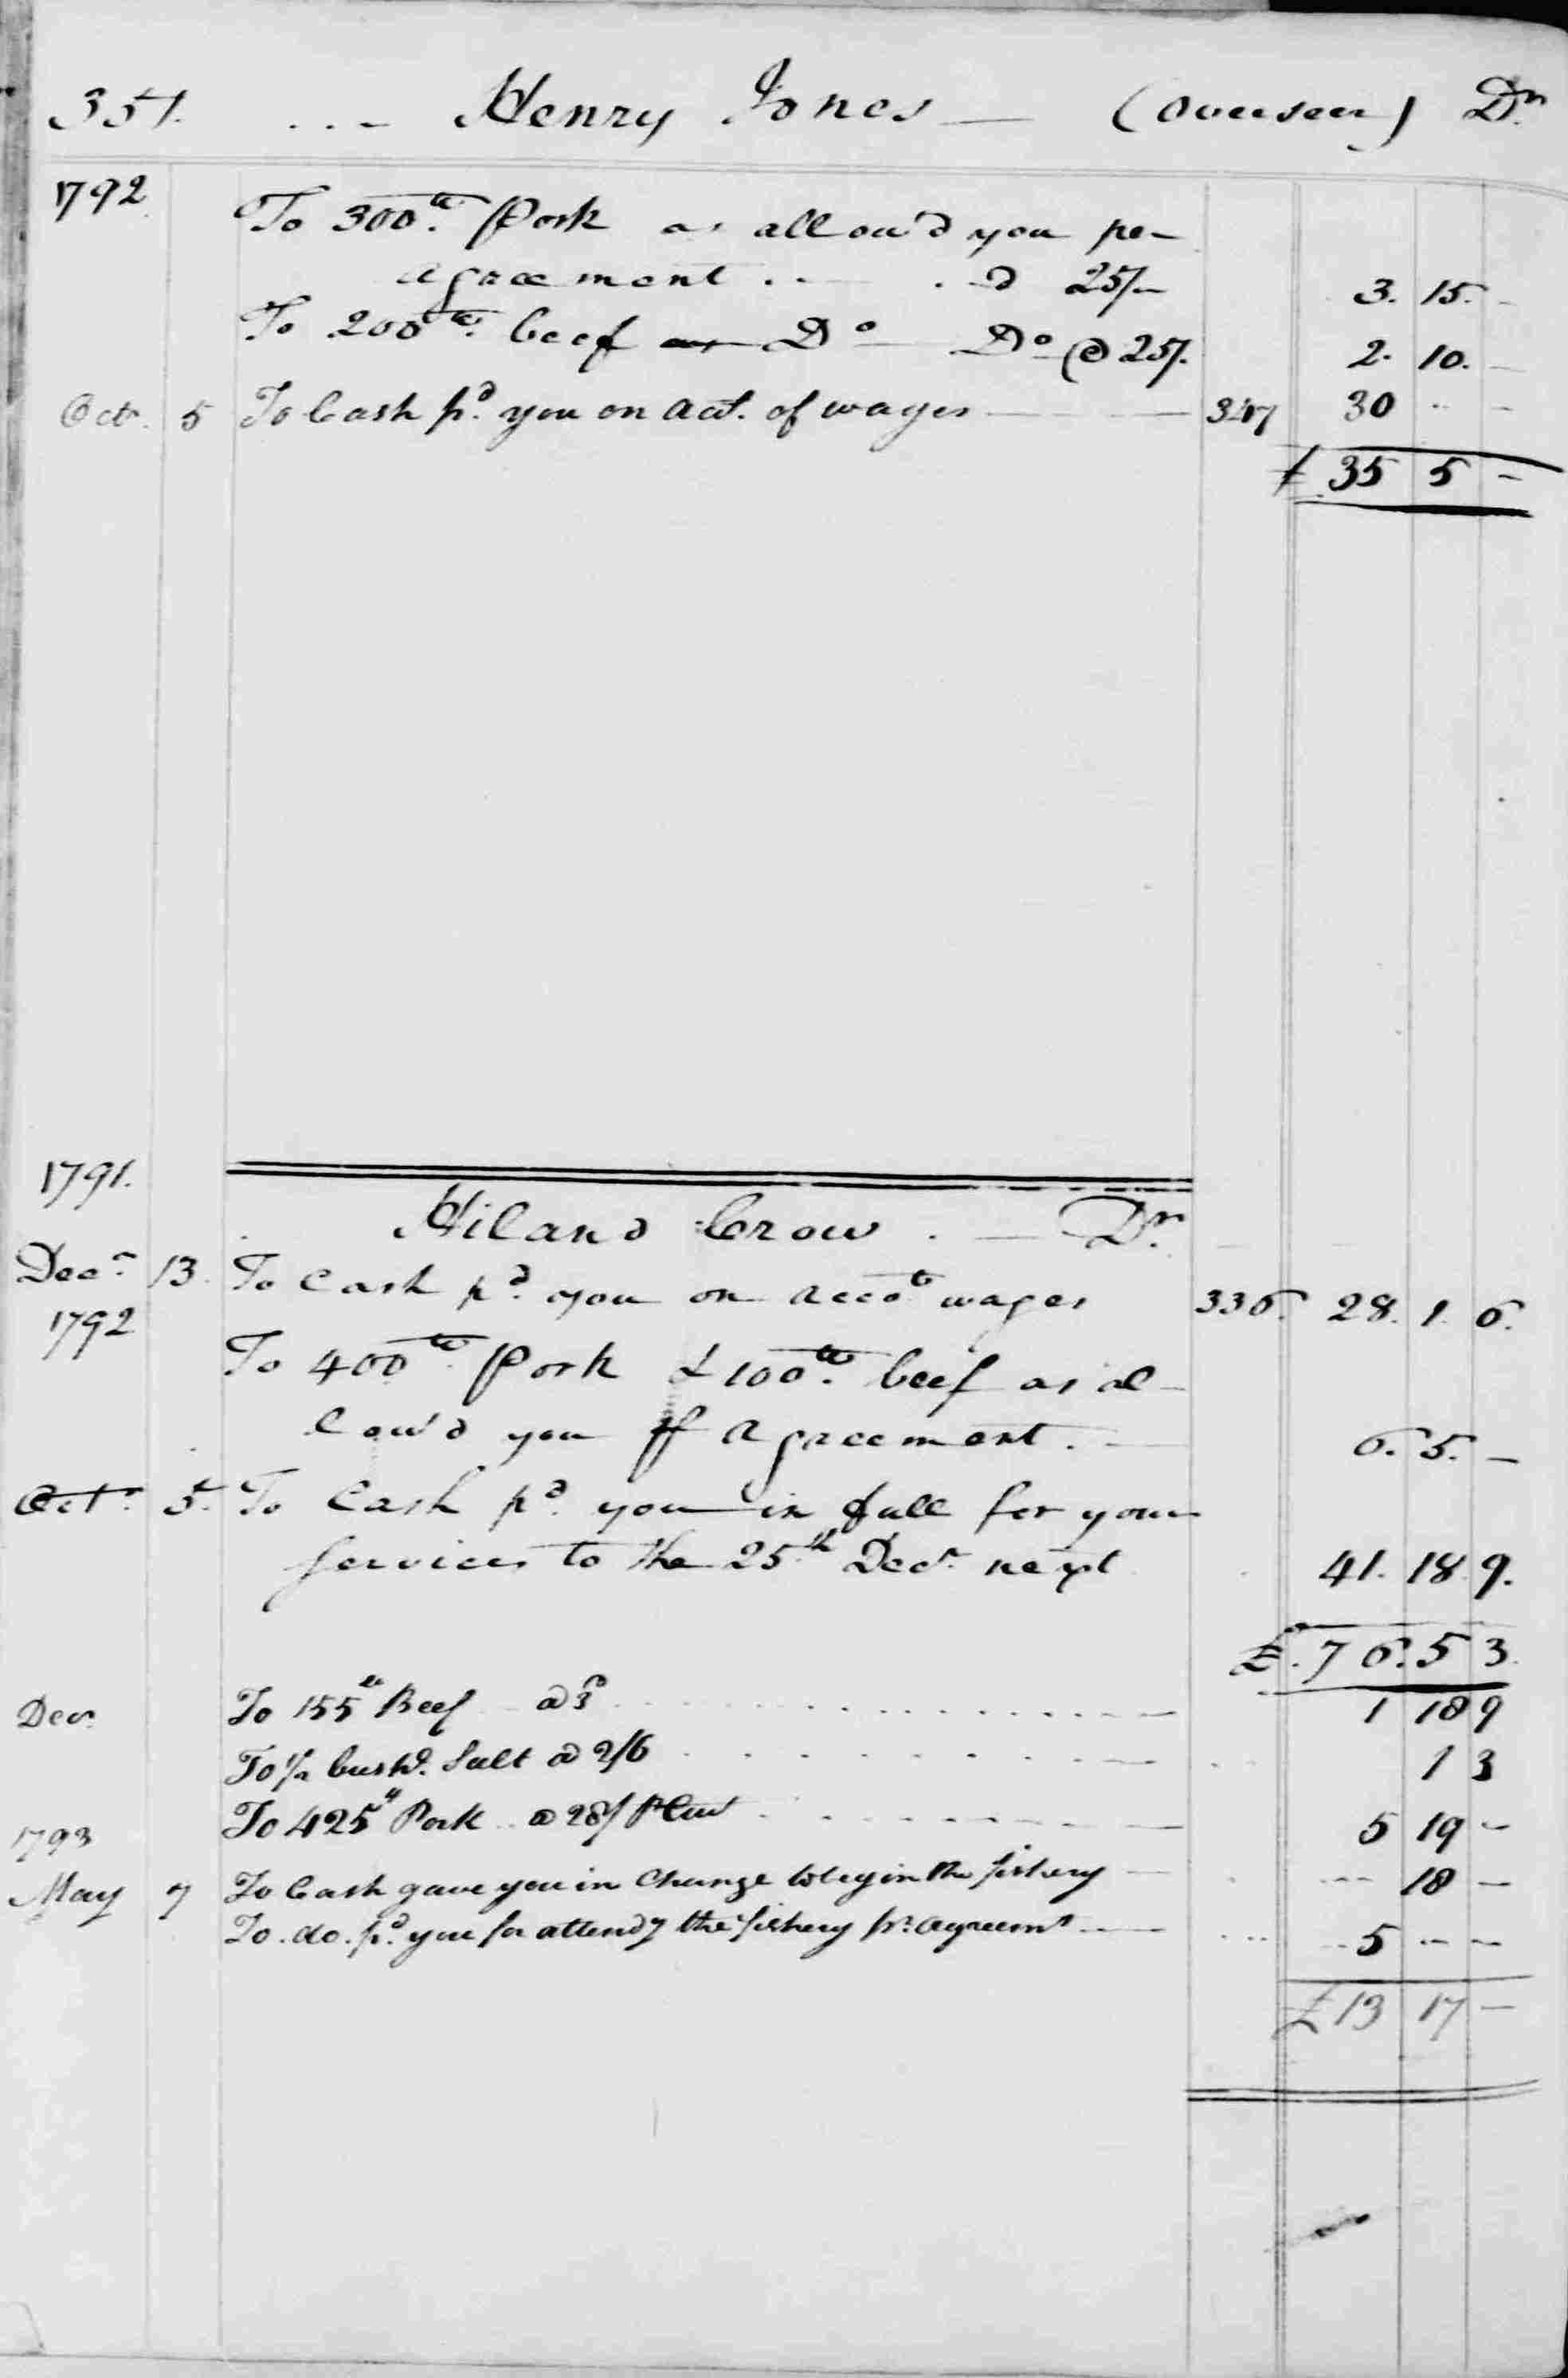 Ledger B, folio 351, left side